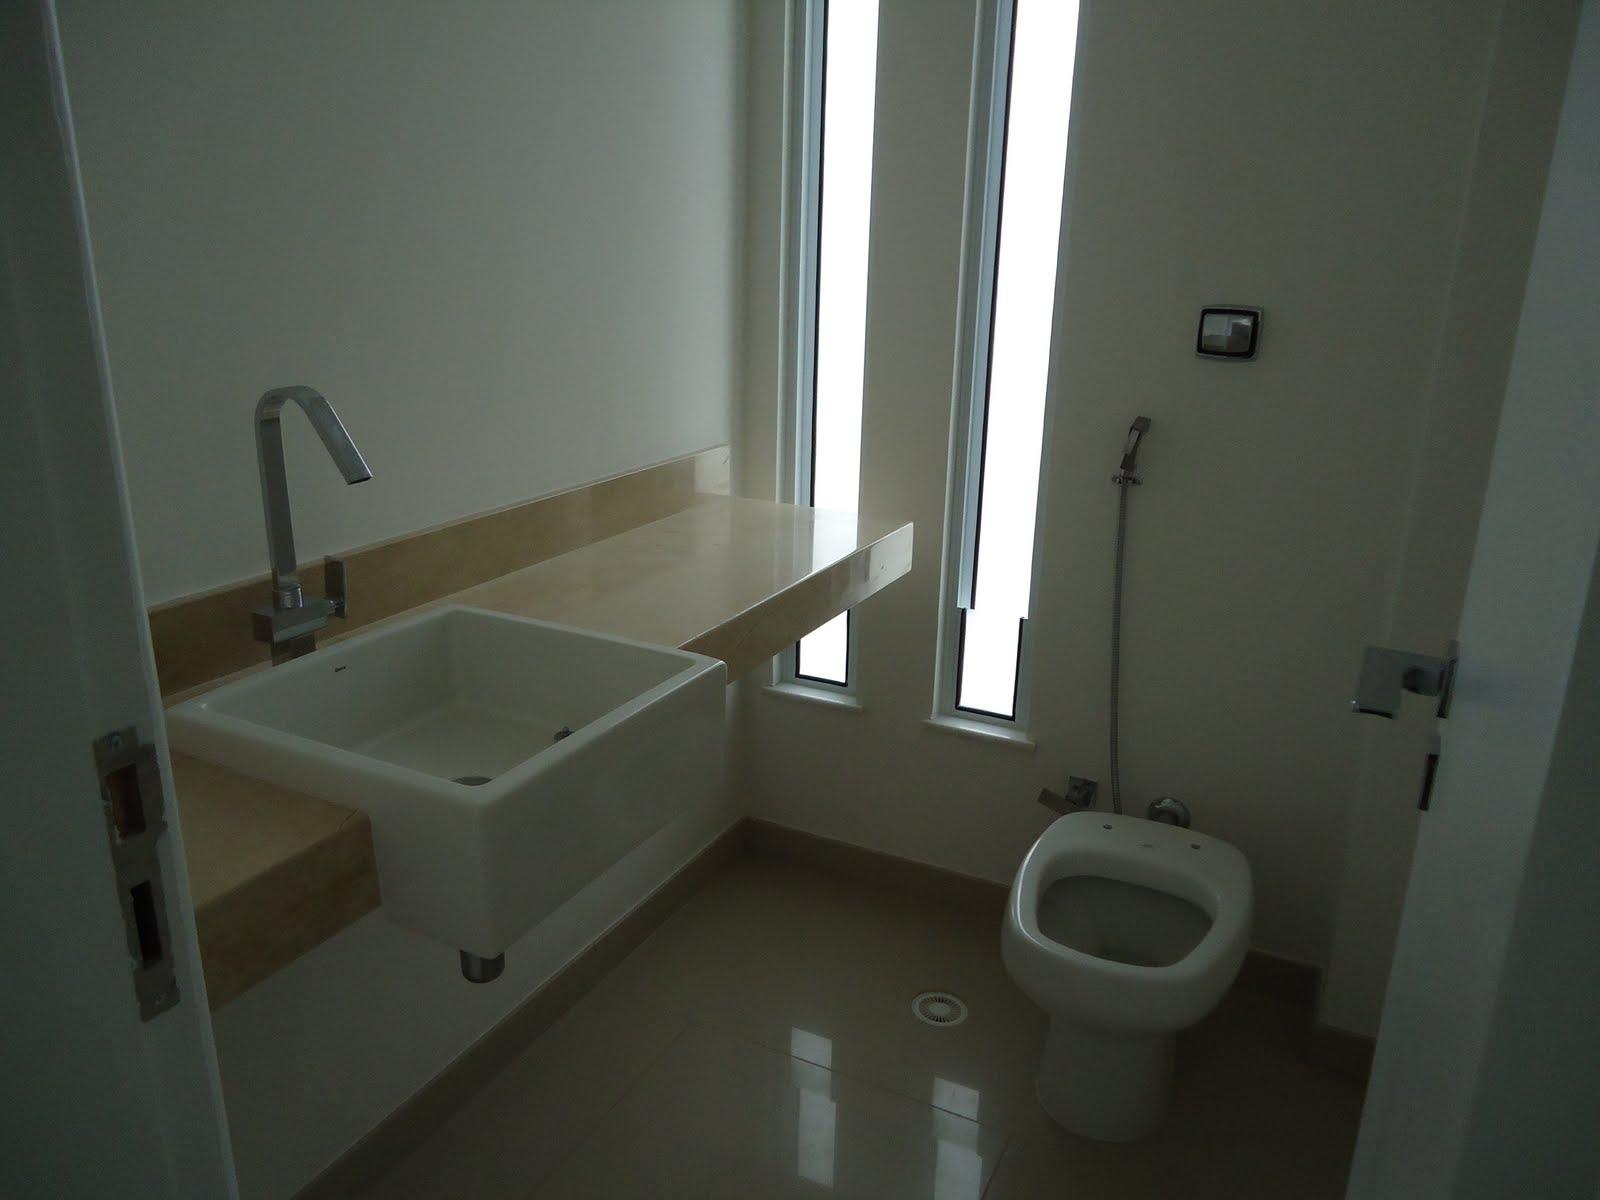 Casa a venda Alphaville Salvador -> Pia Banheiro Semi Encaixe